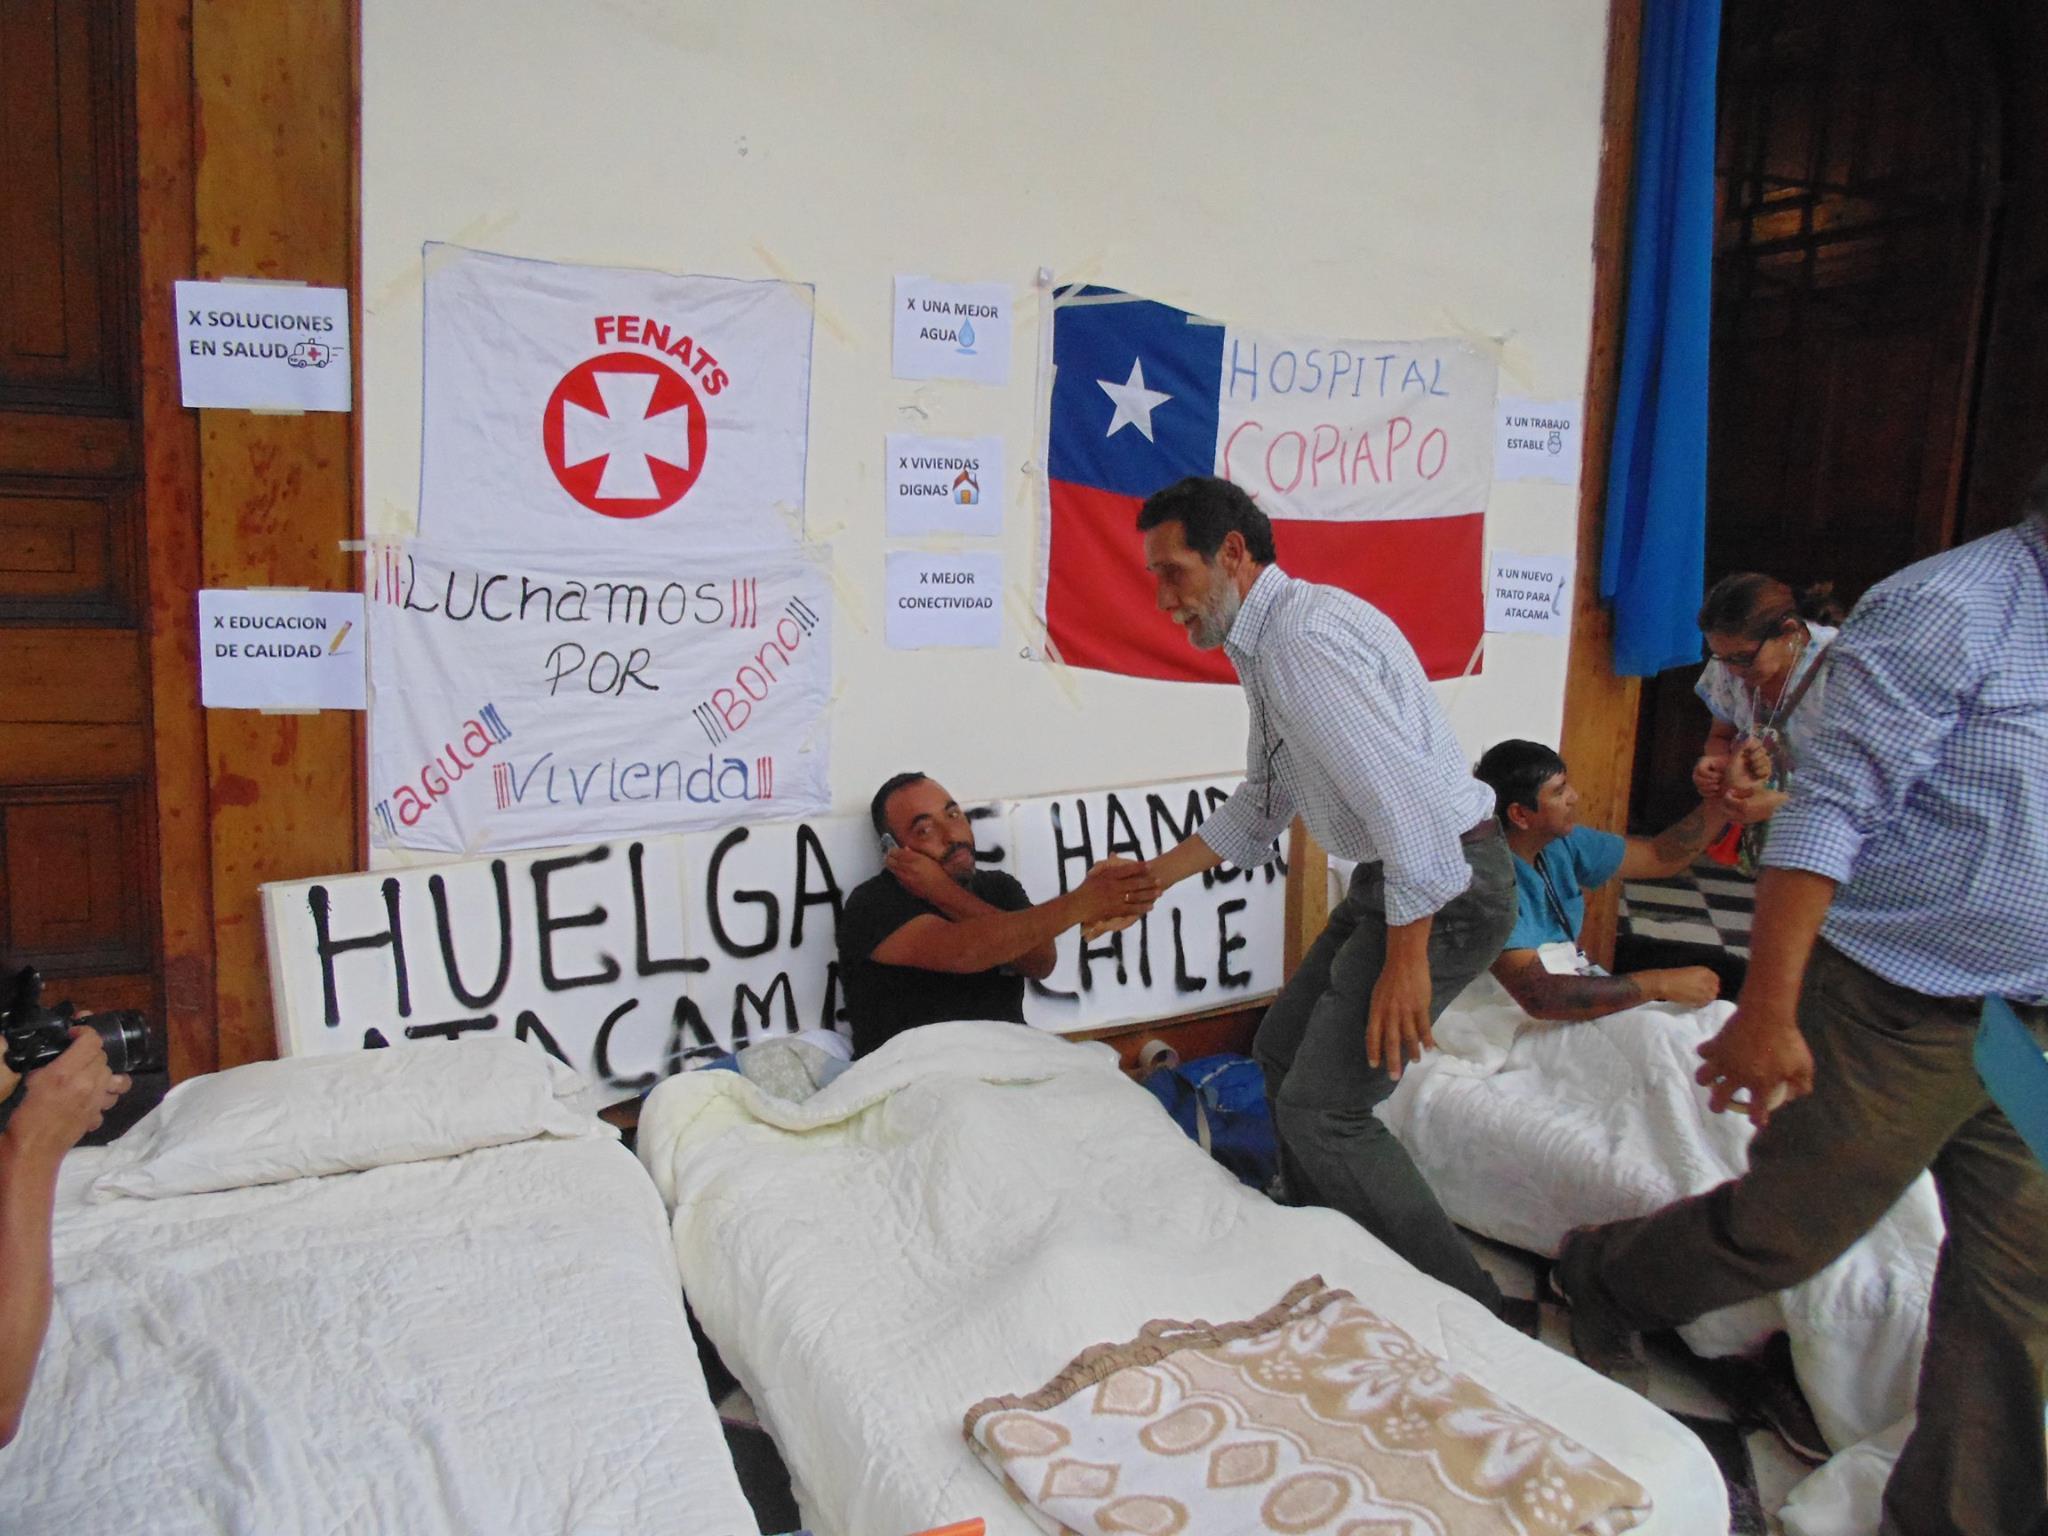 Funcionarios públicos inician huelga de hambre y seremi de Salud solicita deponer medida (Ver carta)